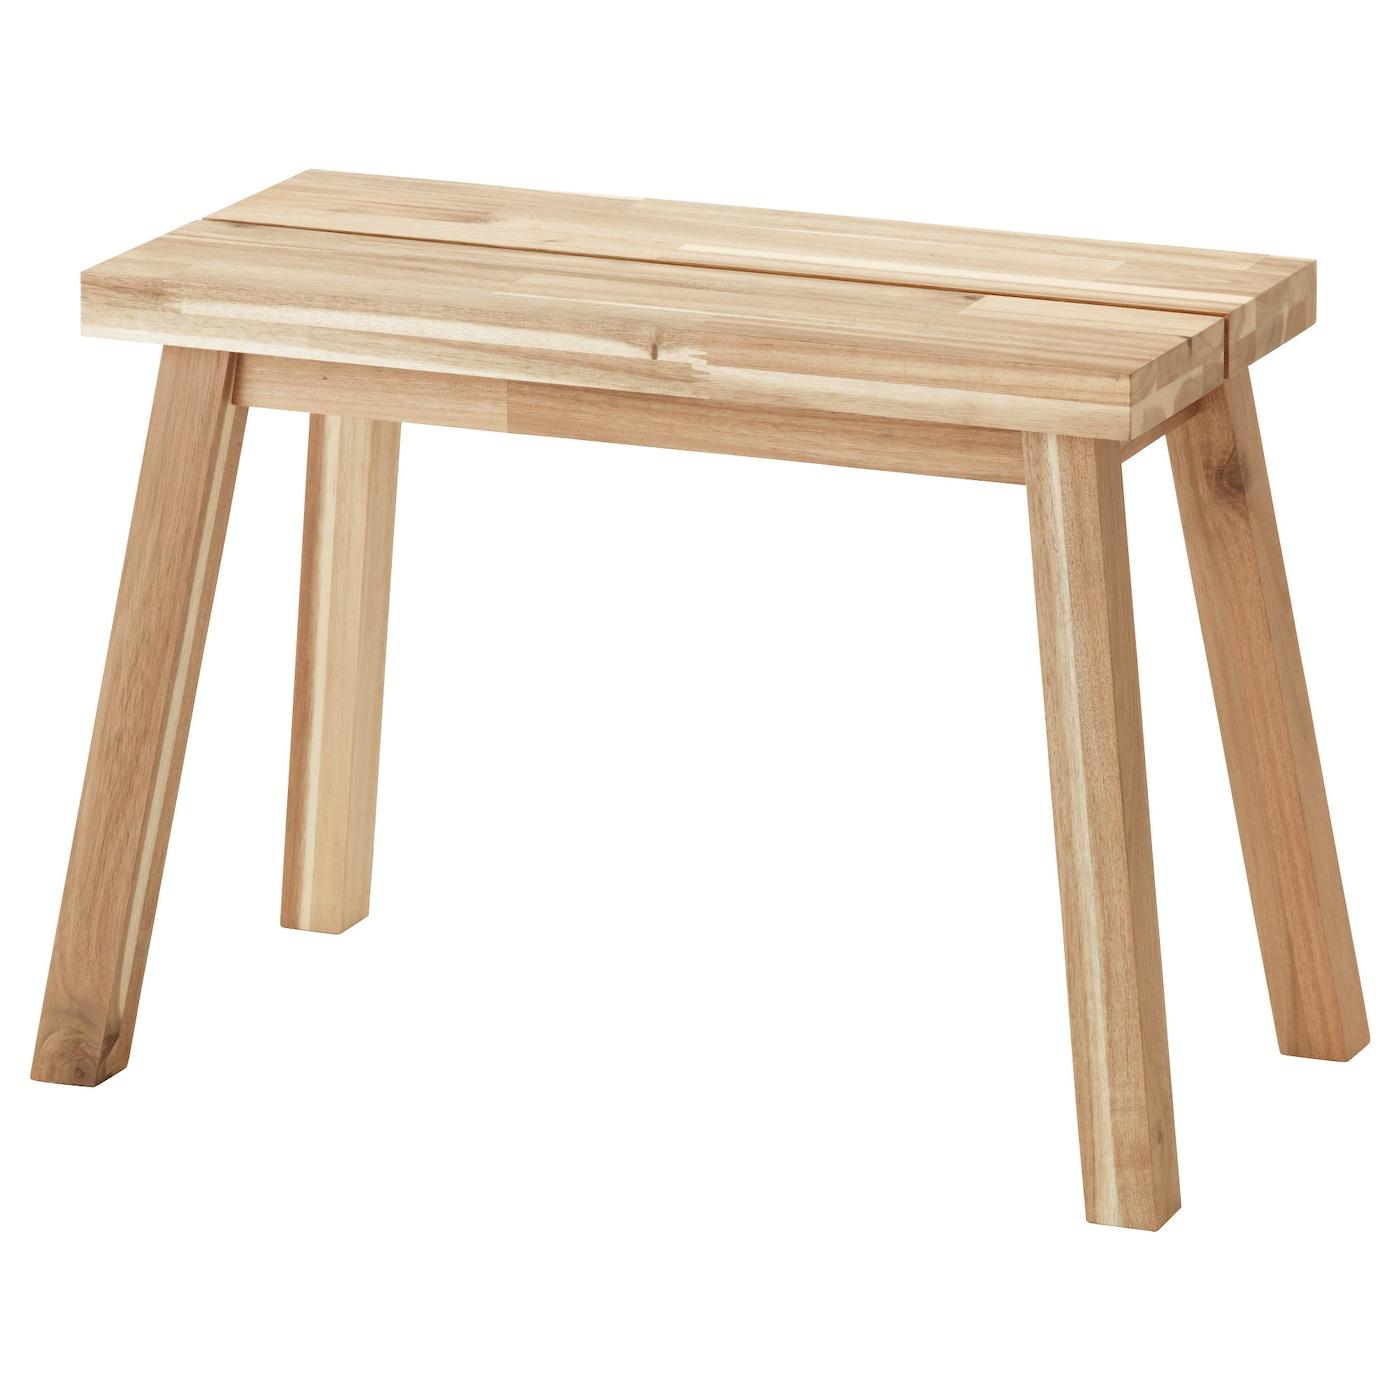 Skogsta Banc Acacia 60 Cm Ikea